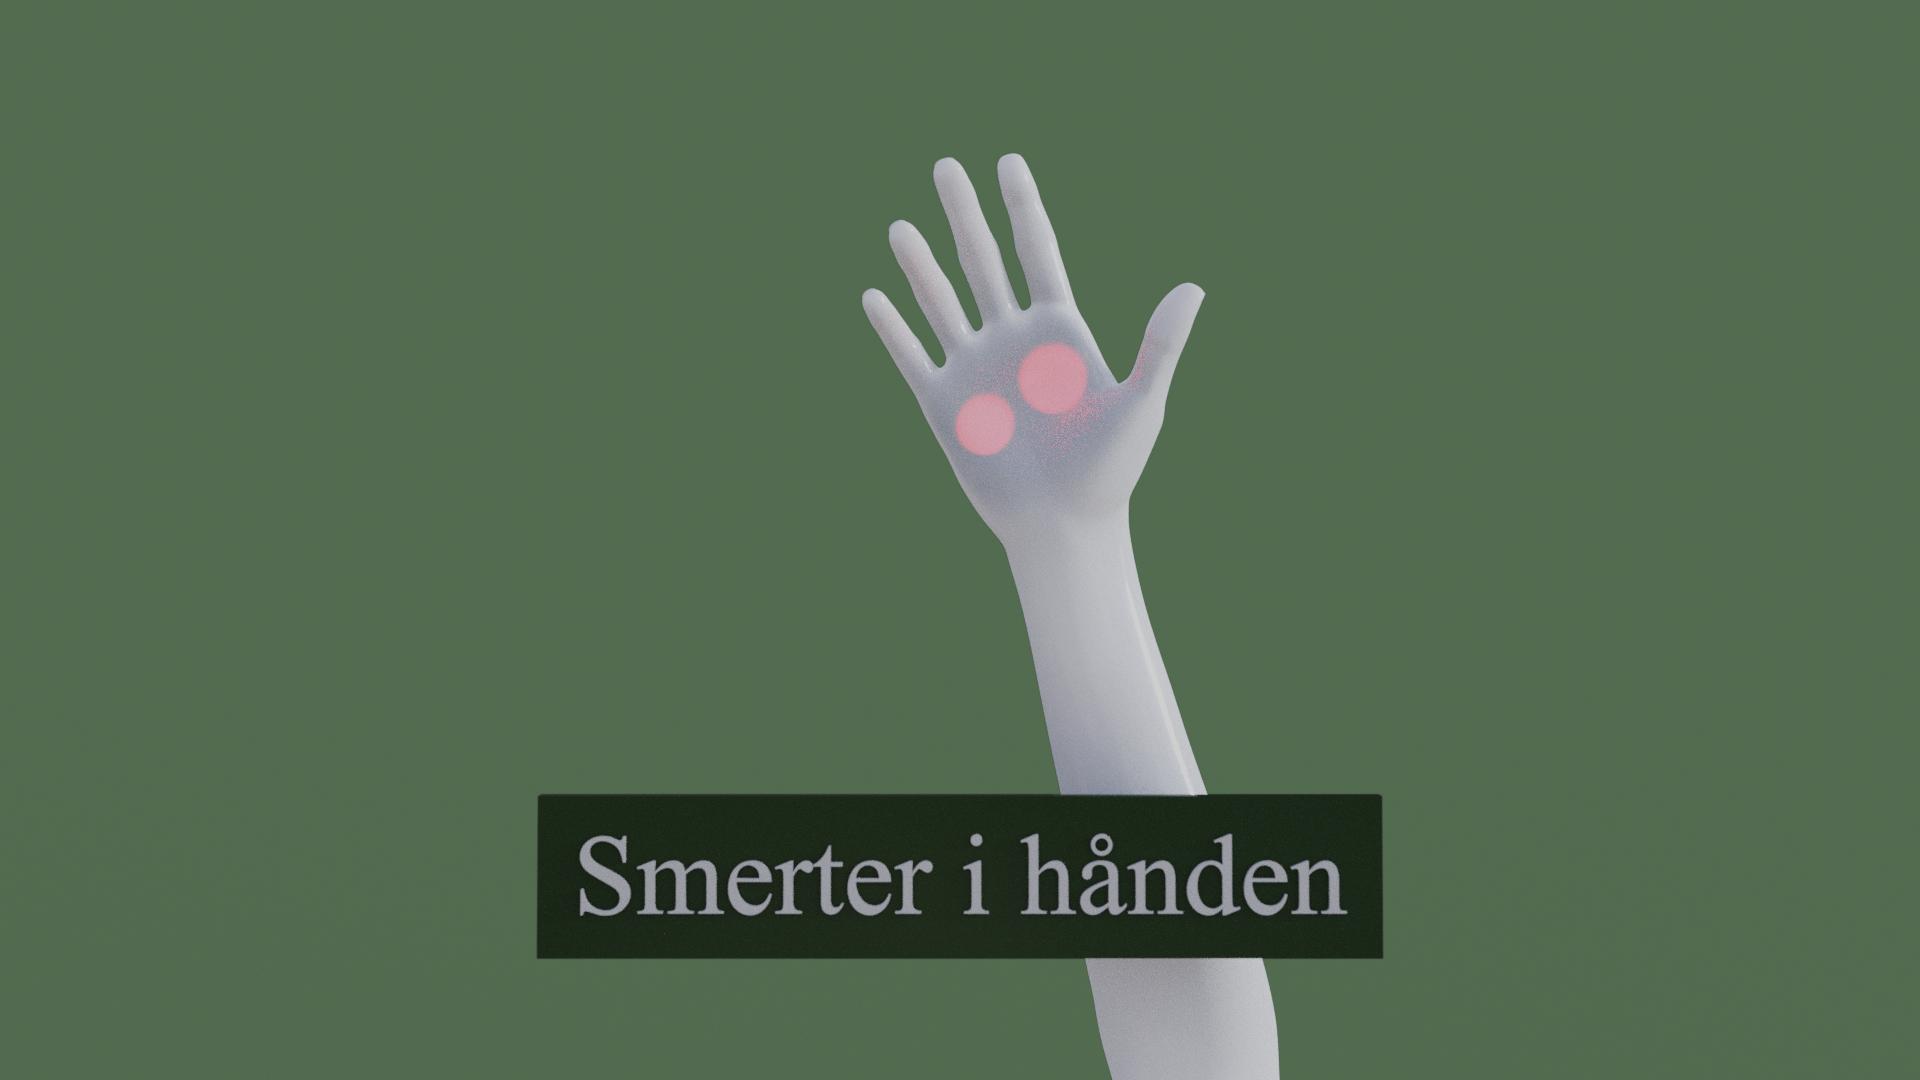 Billedet viser en 3D figur med smerter i hånden. Den røde farve i hånden symboliserer smerterne.